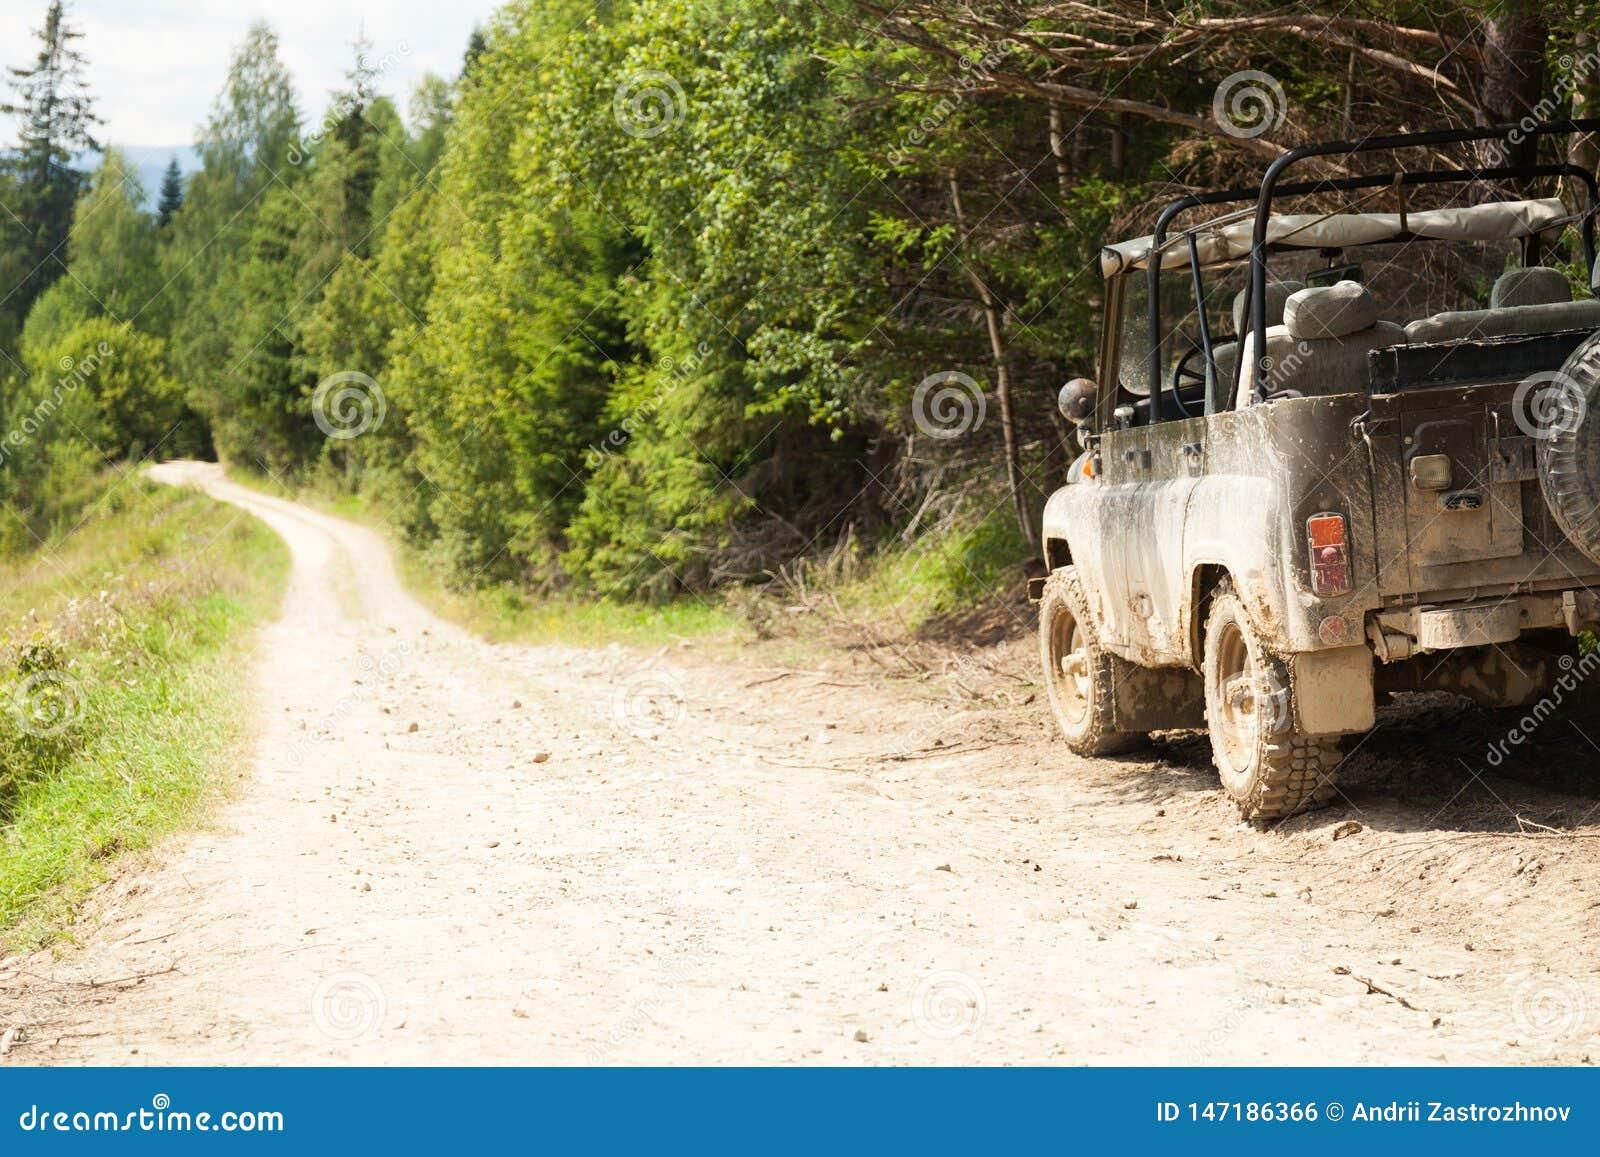 Outre de l aventure de la route 4x4, jeep sur le chemin de terre de montagne Copiez l espace pour le texte